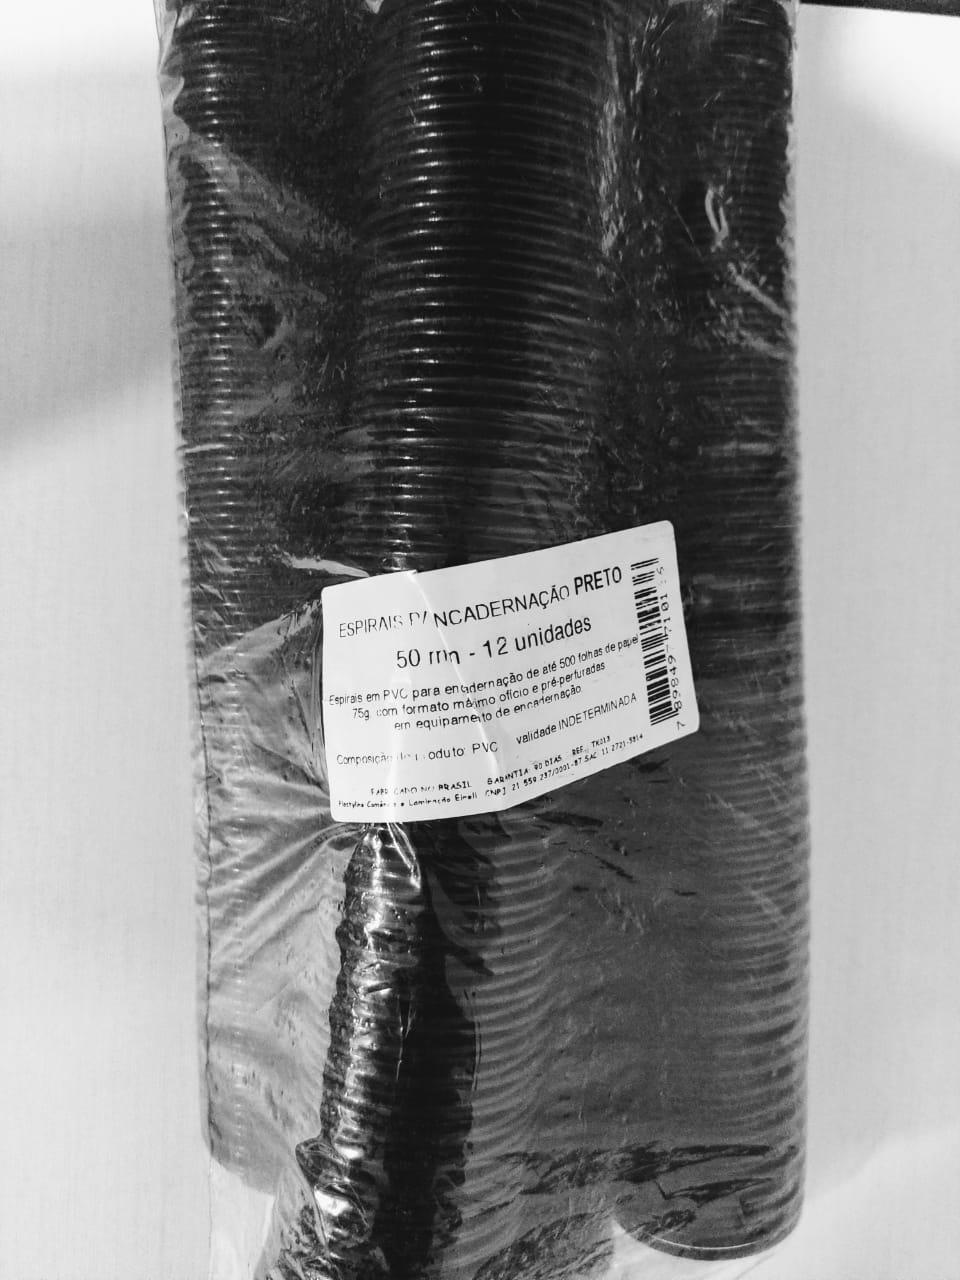 Espiral Preto para Encadernação 50mm - 12 unidades